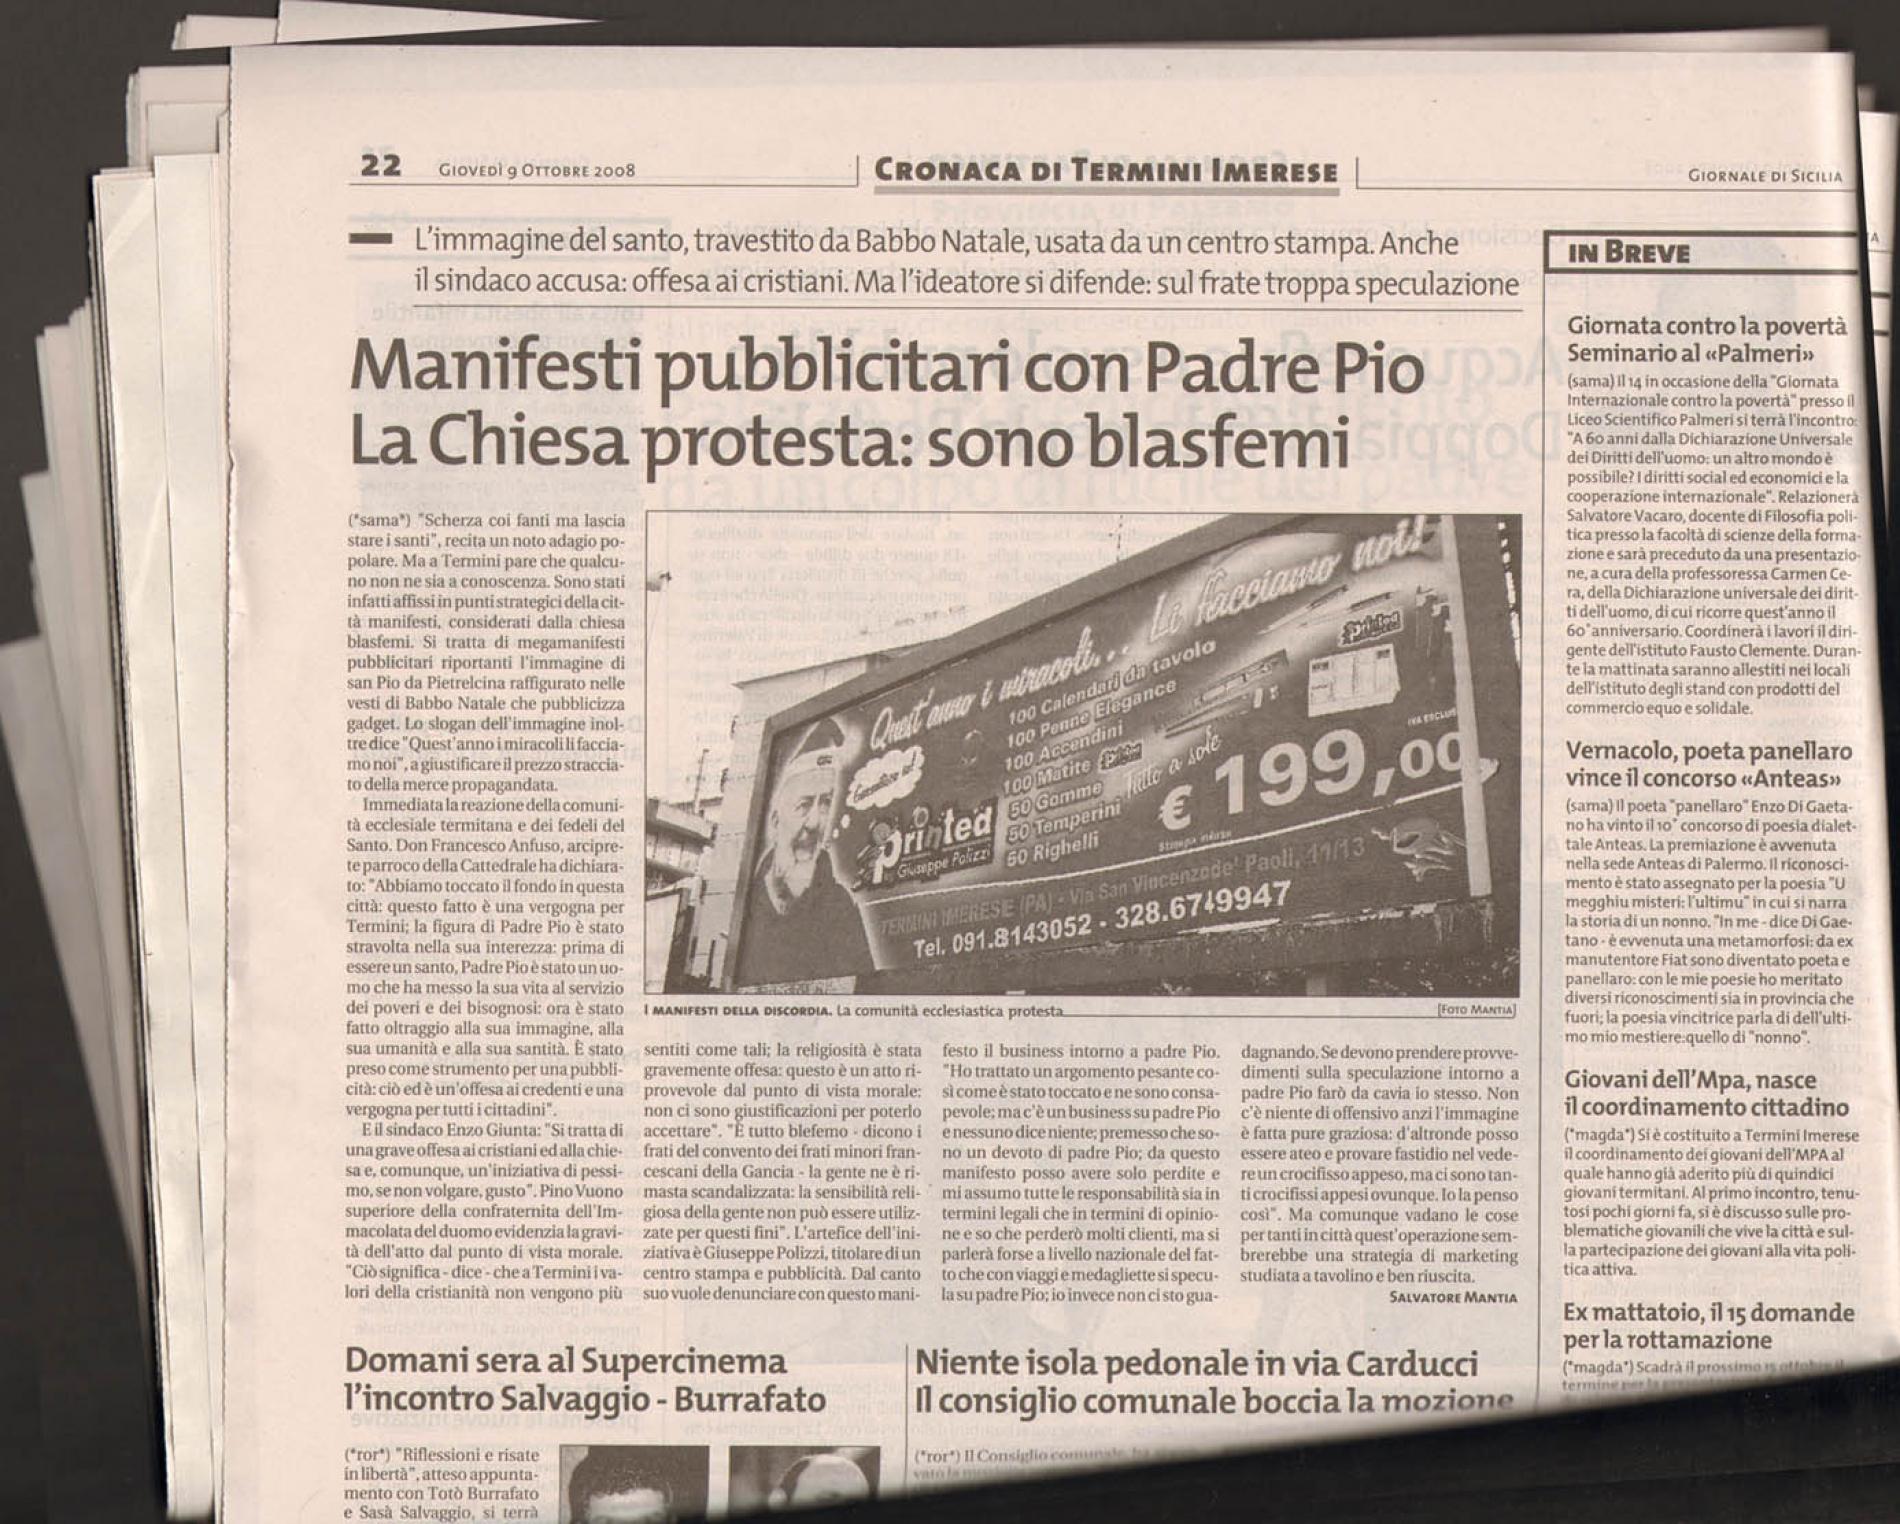 printed giornale di sicilia